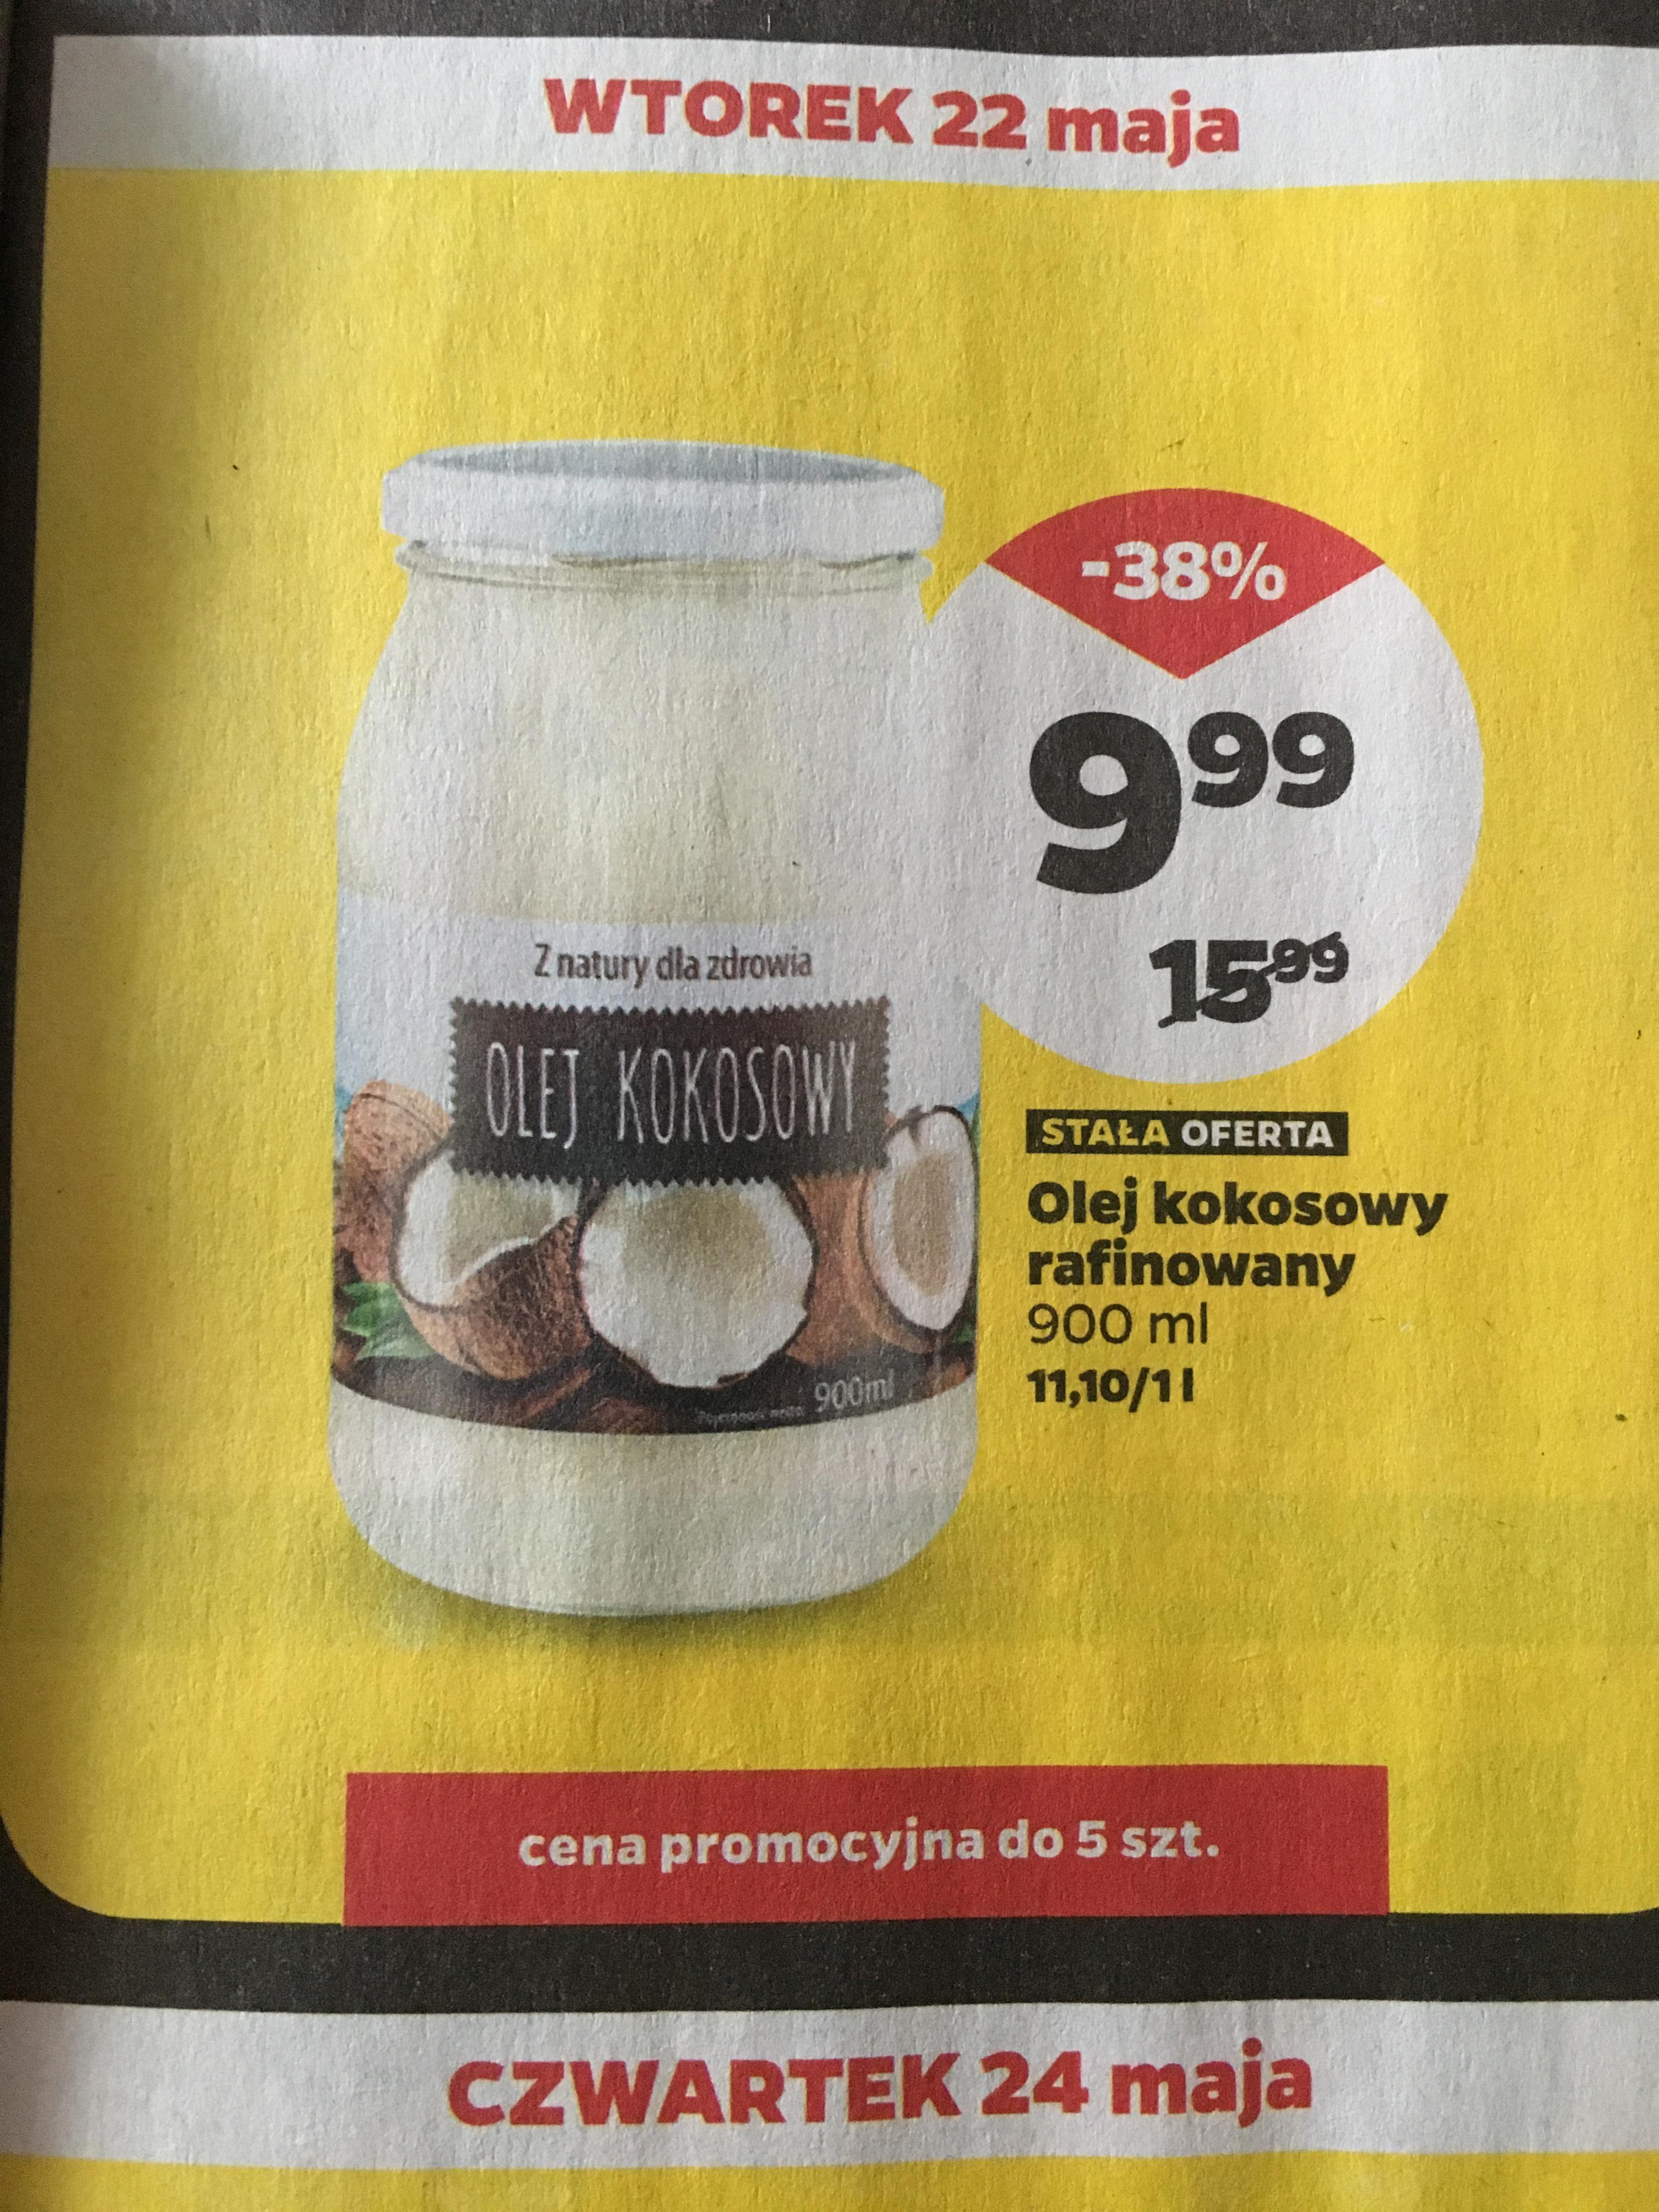 Olej kokosowy rafinowany @netto